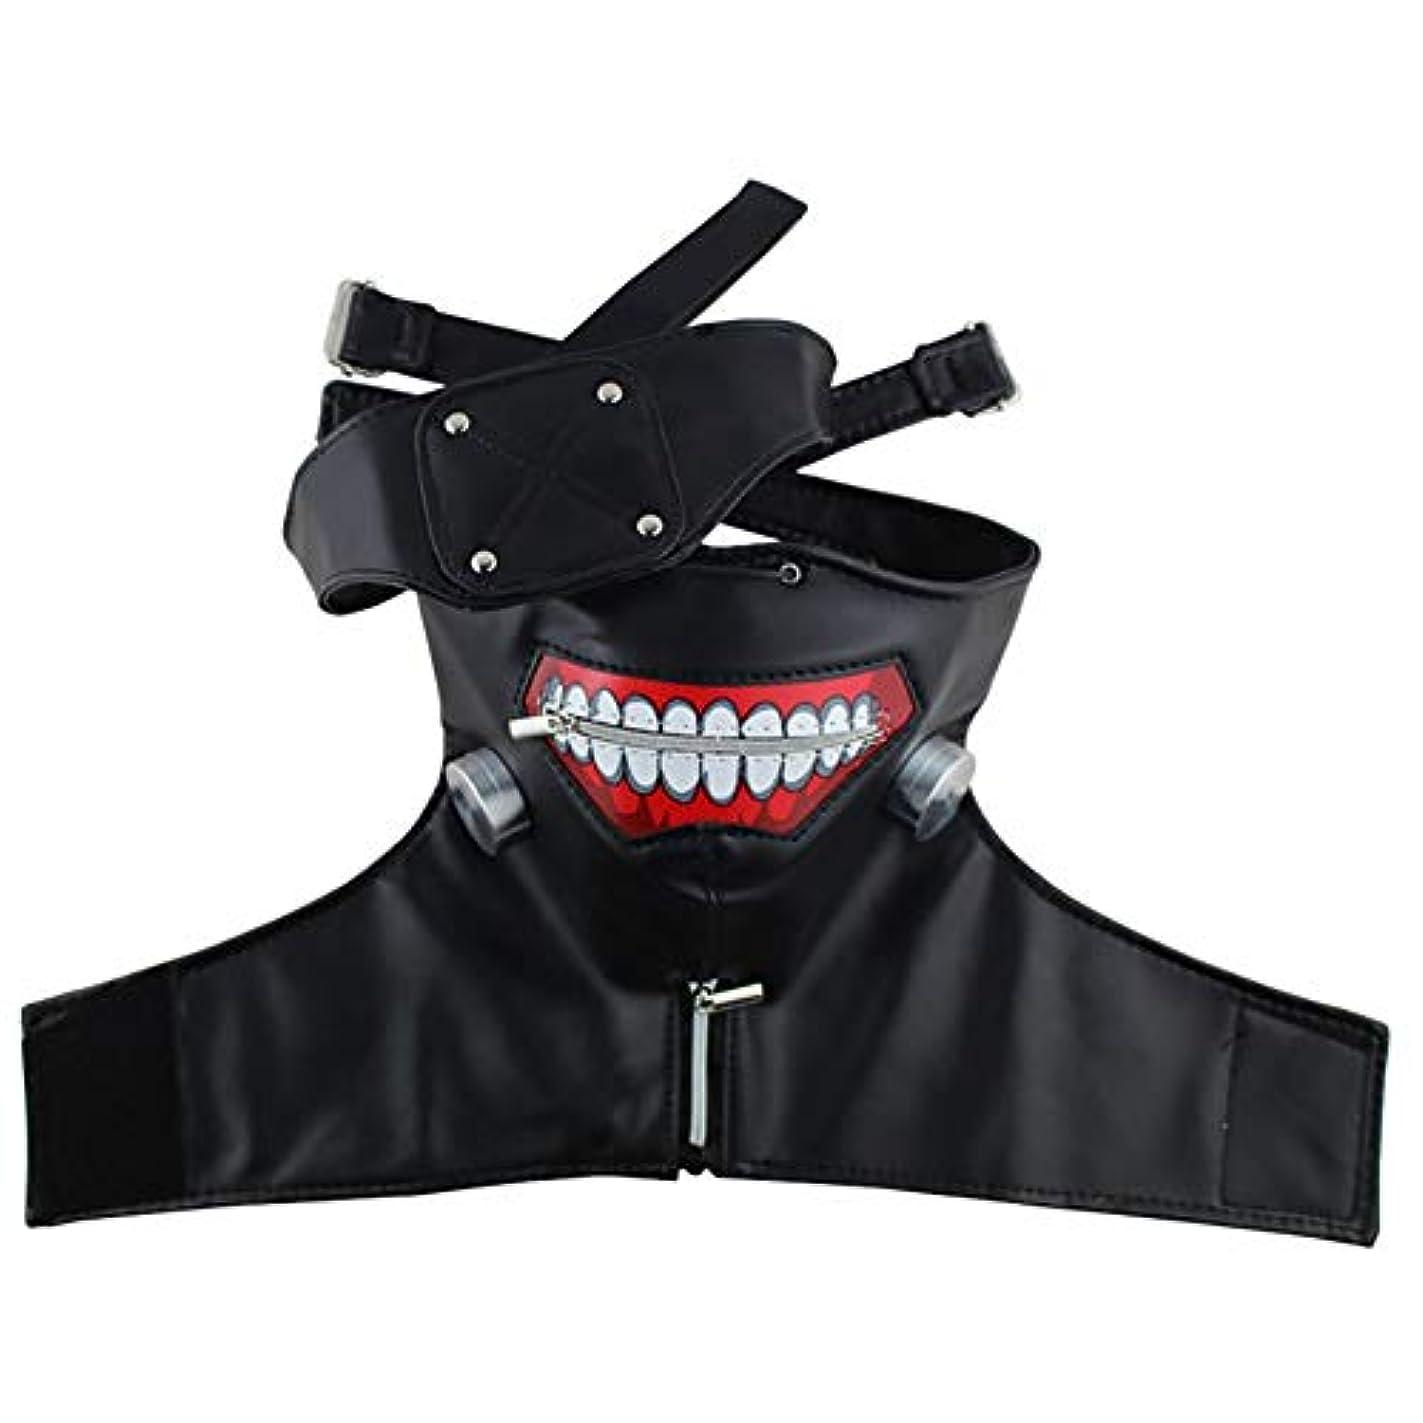 バンク懸念凍結Esolom 東京マスク 3D PUレザーマスク 調整可能なジッパー衣装小道具 アニメ ゴールデンウッドマスク ハロウィンロールプレイング